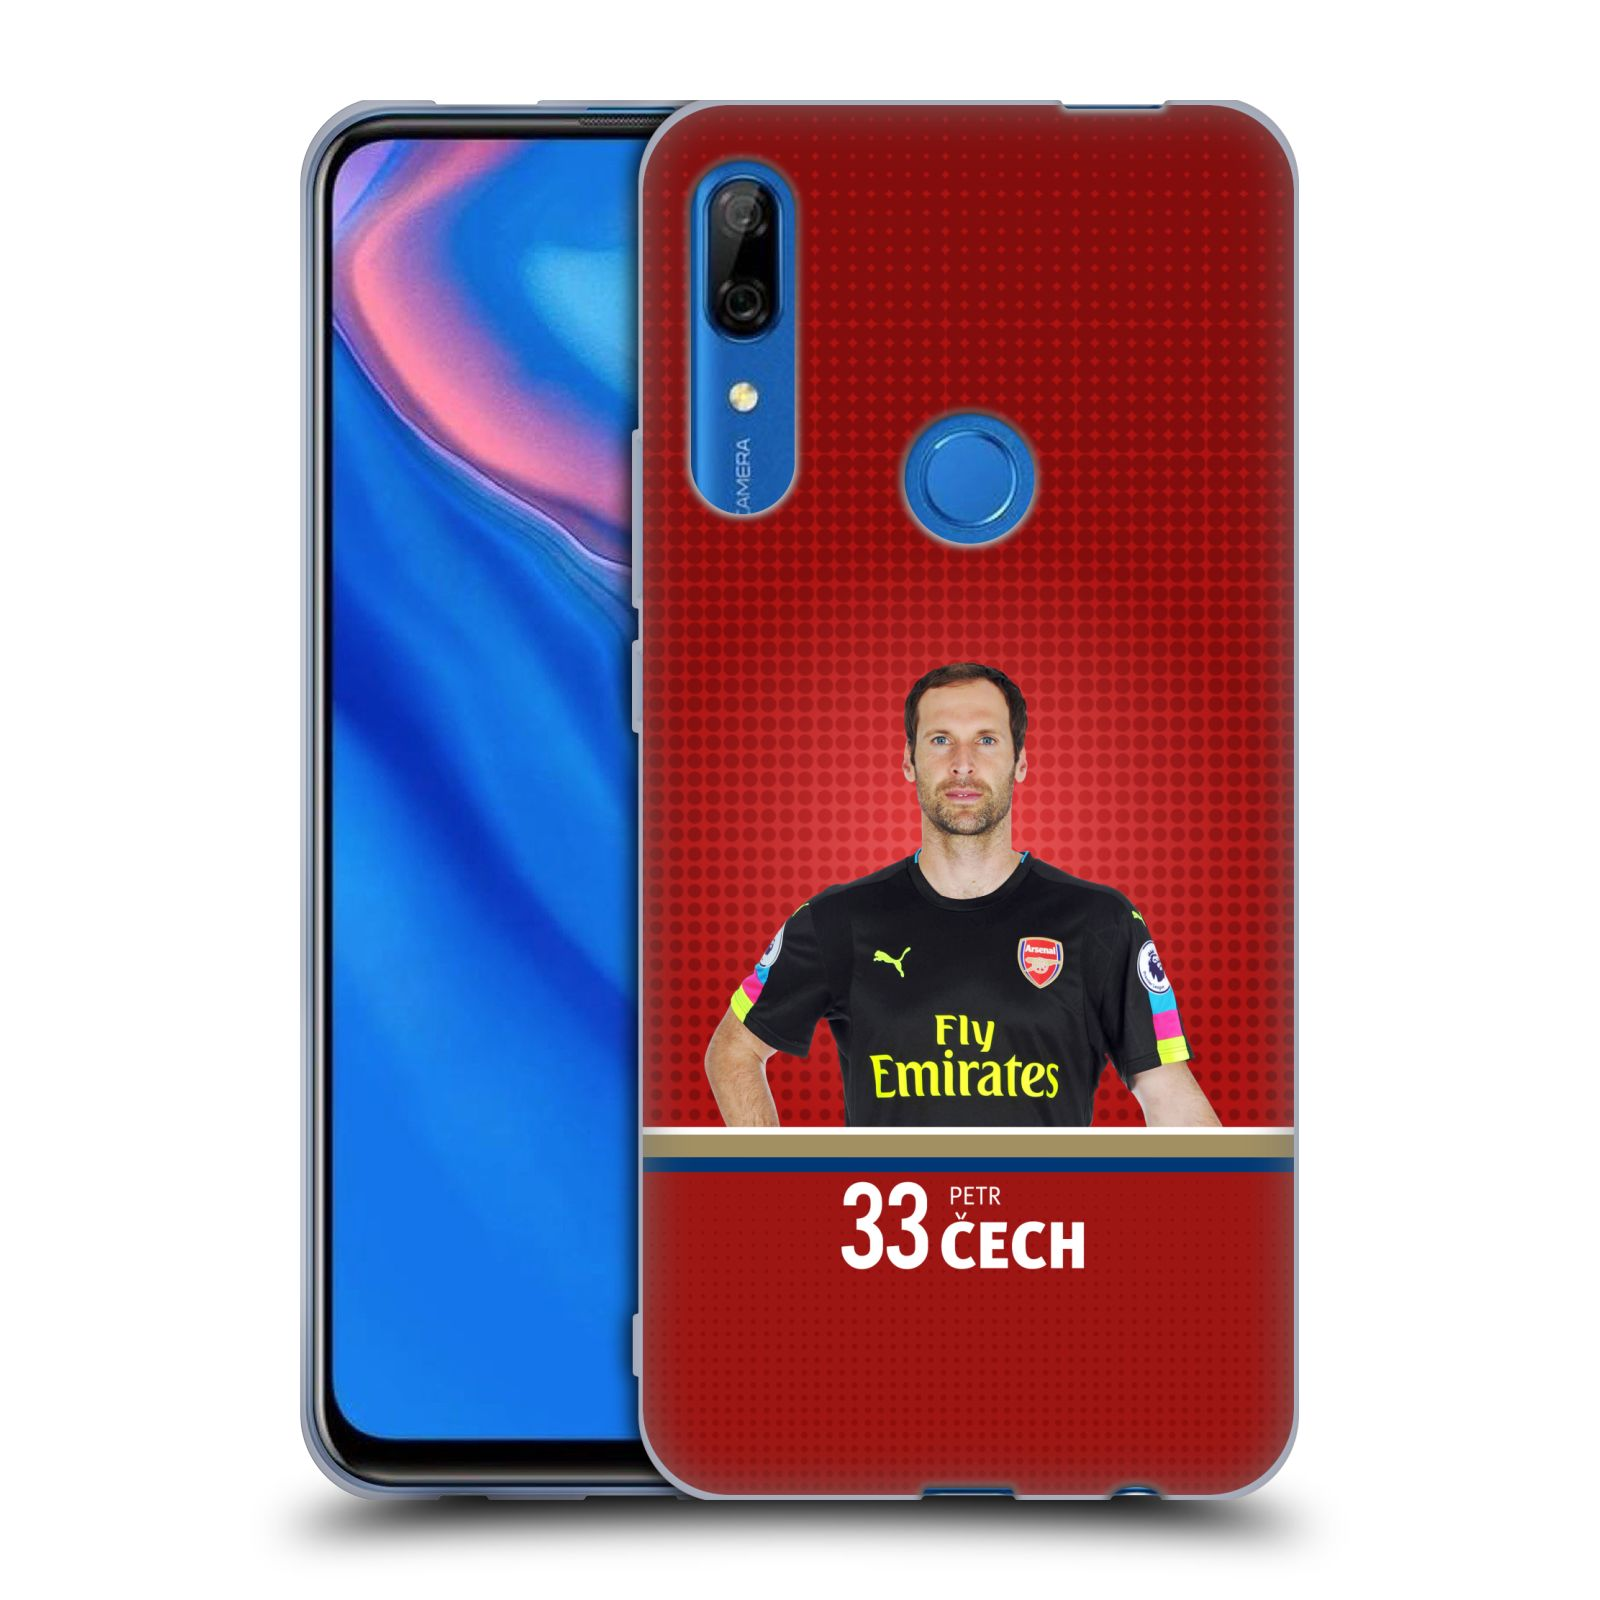 Silikonové pouzdro na mobil Huawei P Smart Z - Head Case - Arsenal FC - Petr Čech